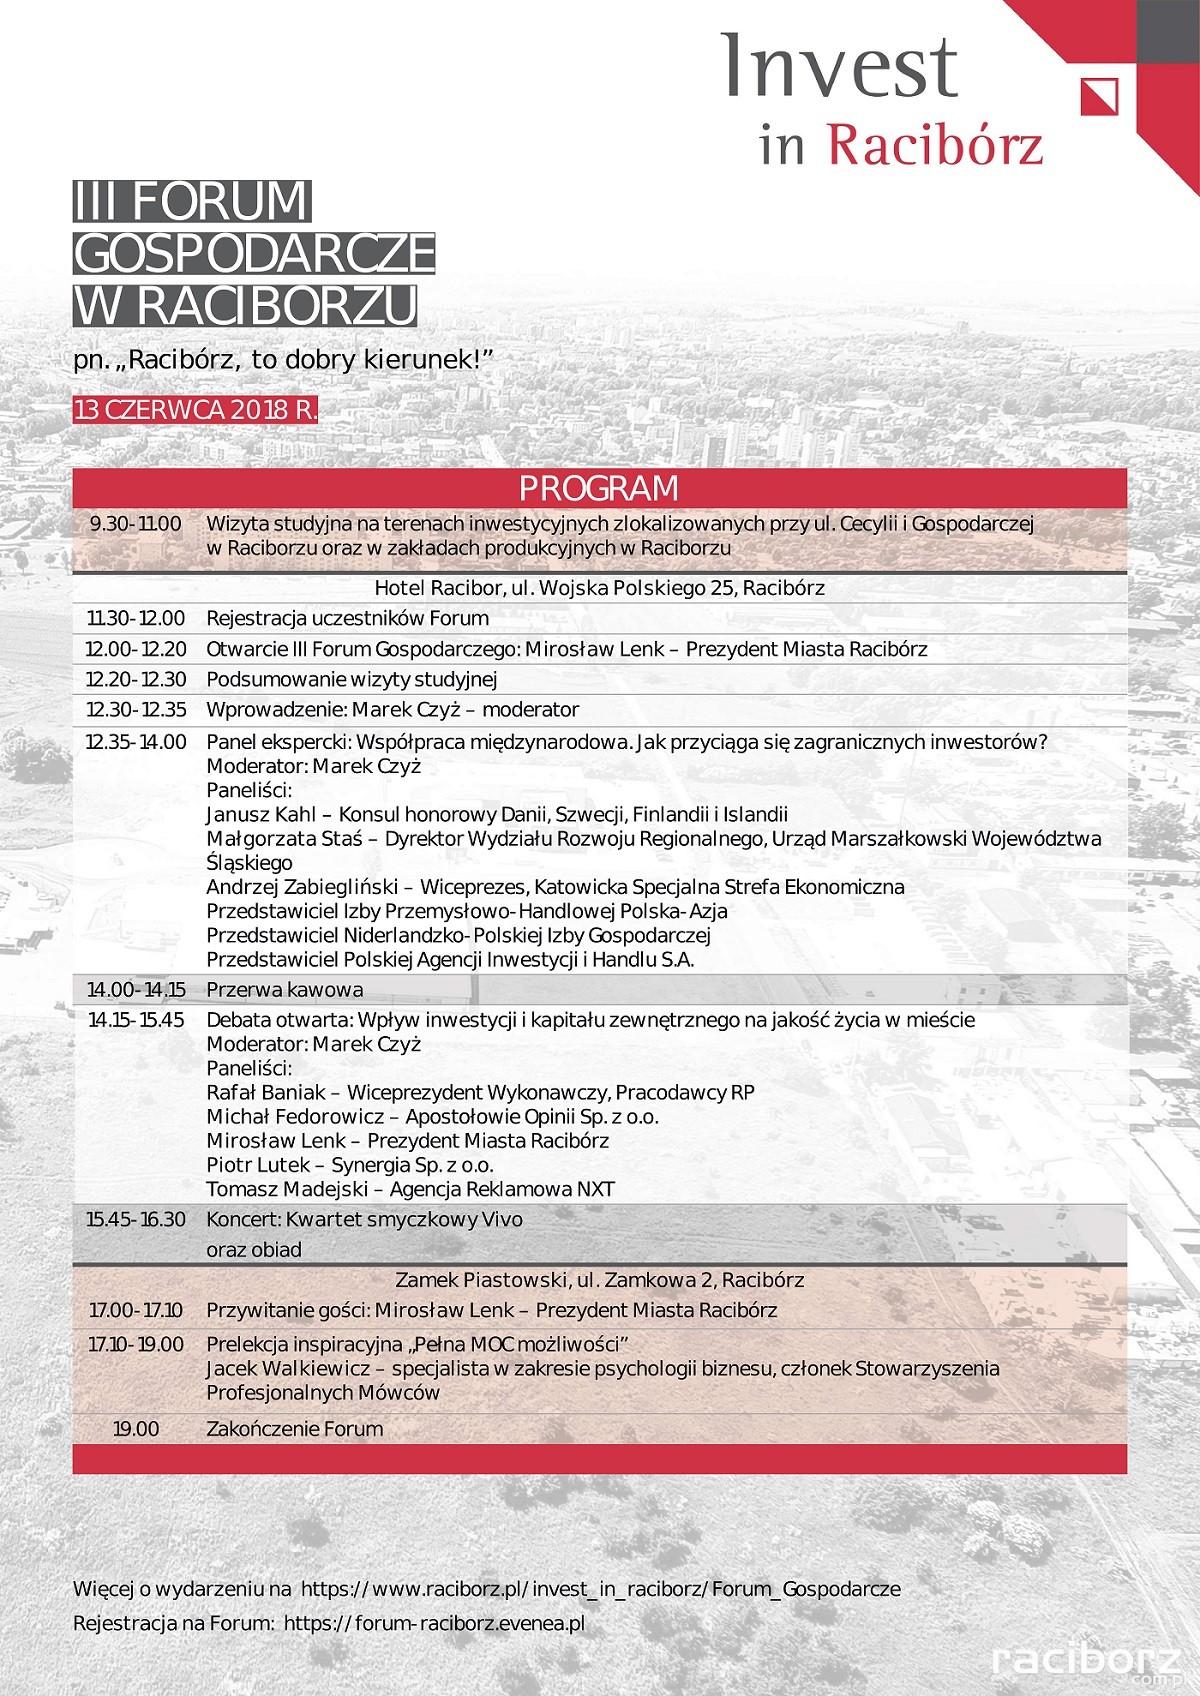 Racibórz. Program ramowy III Forum Gospodarczego